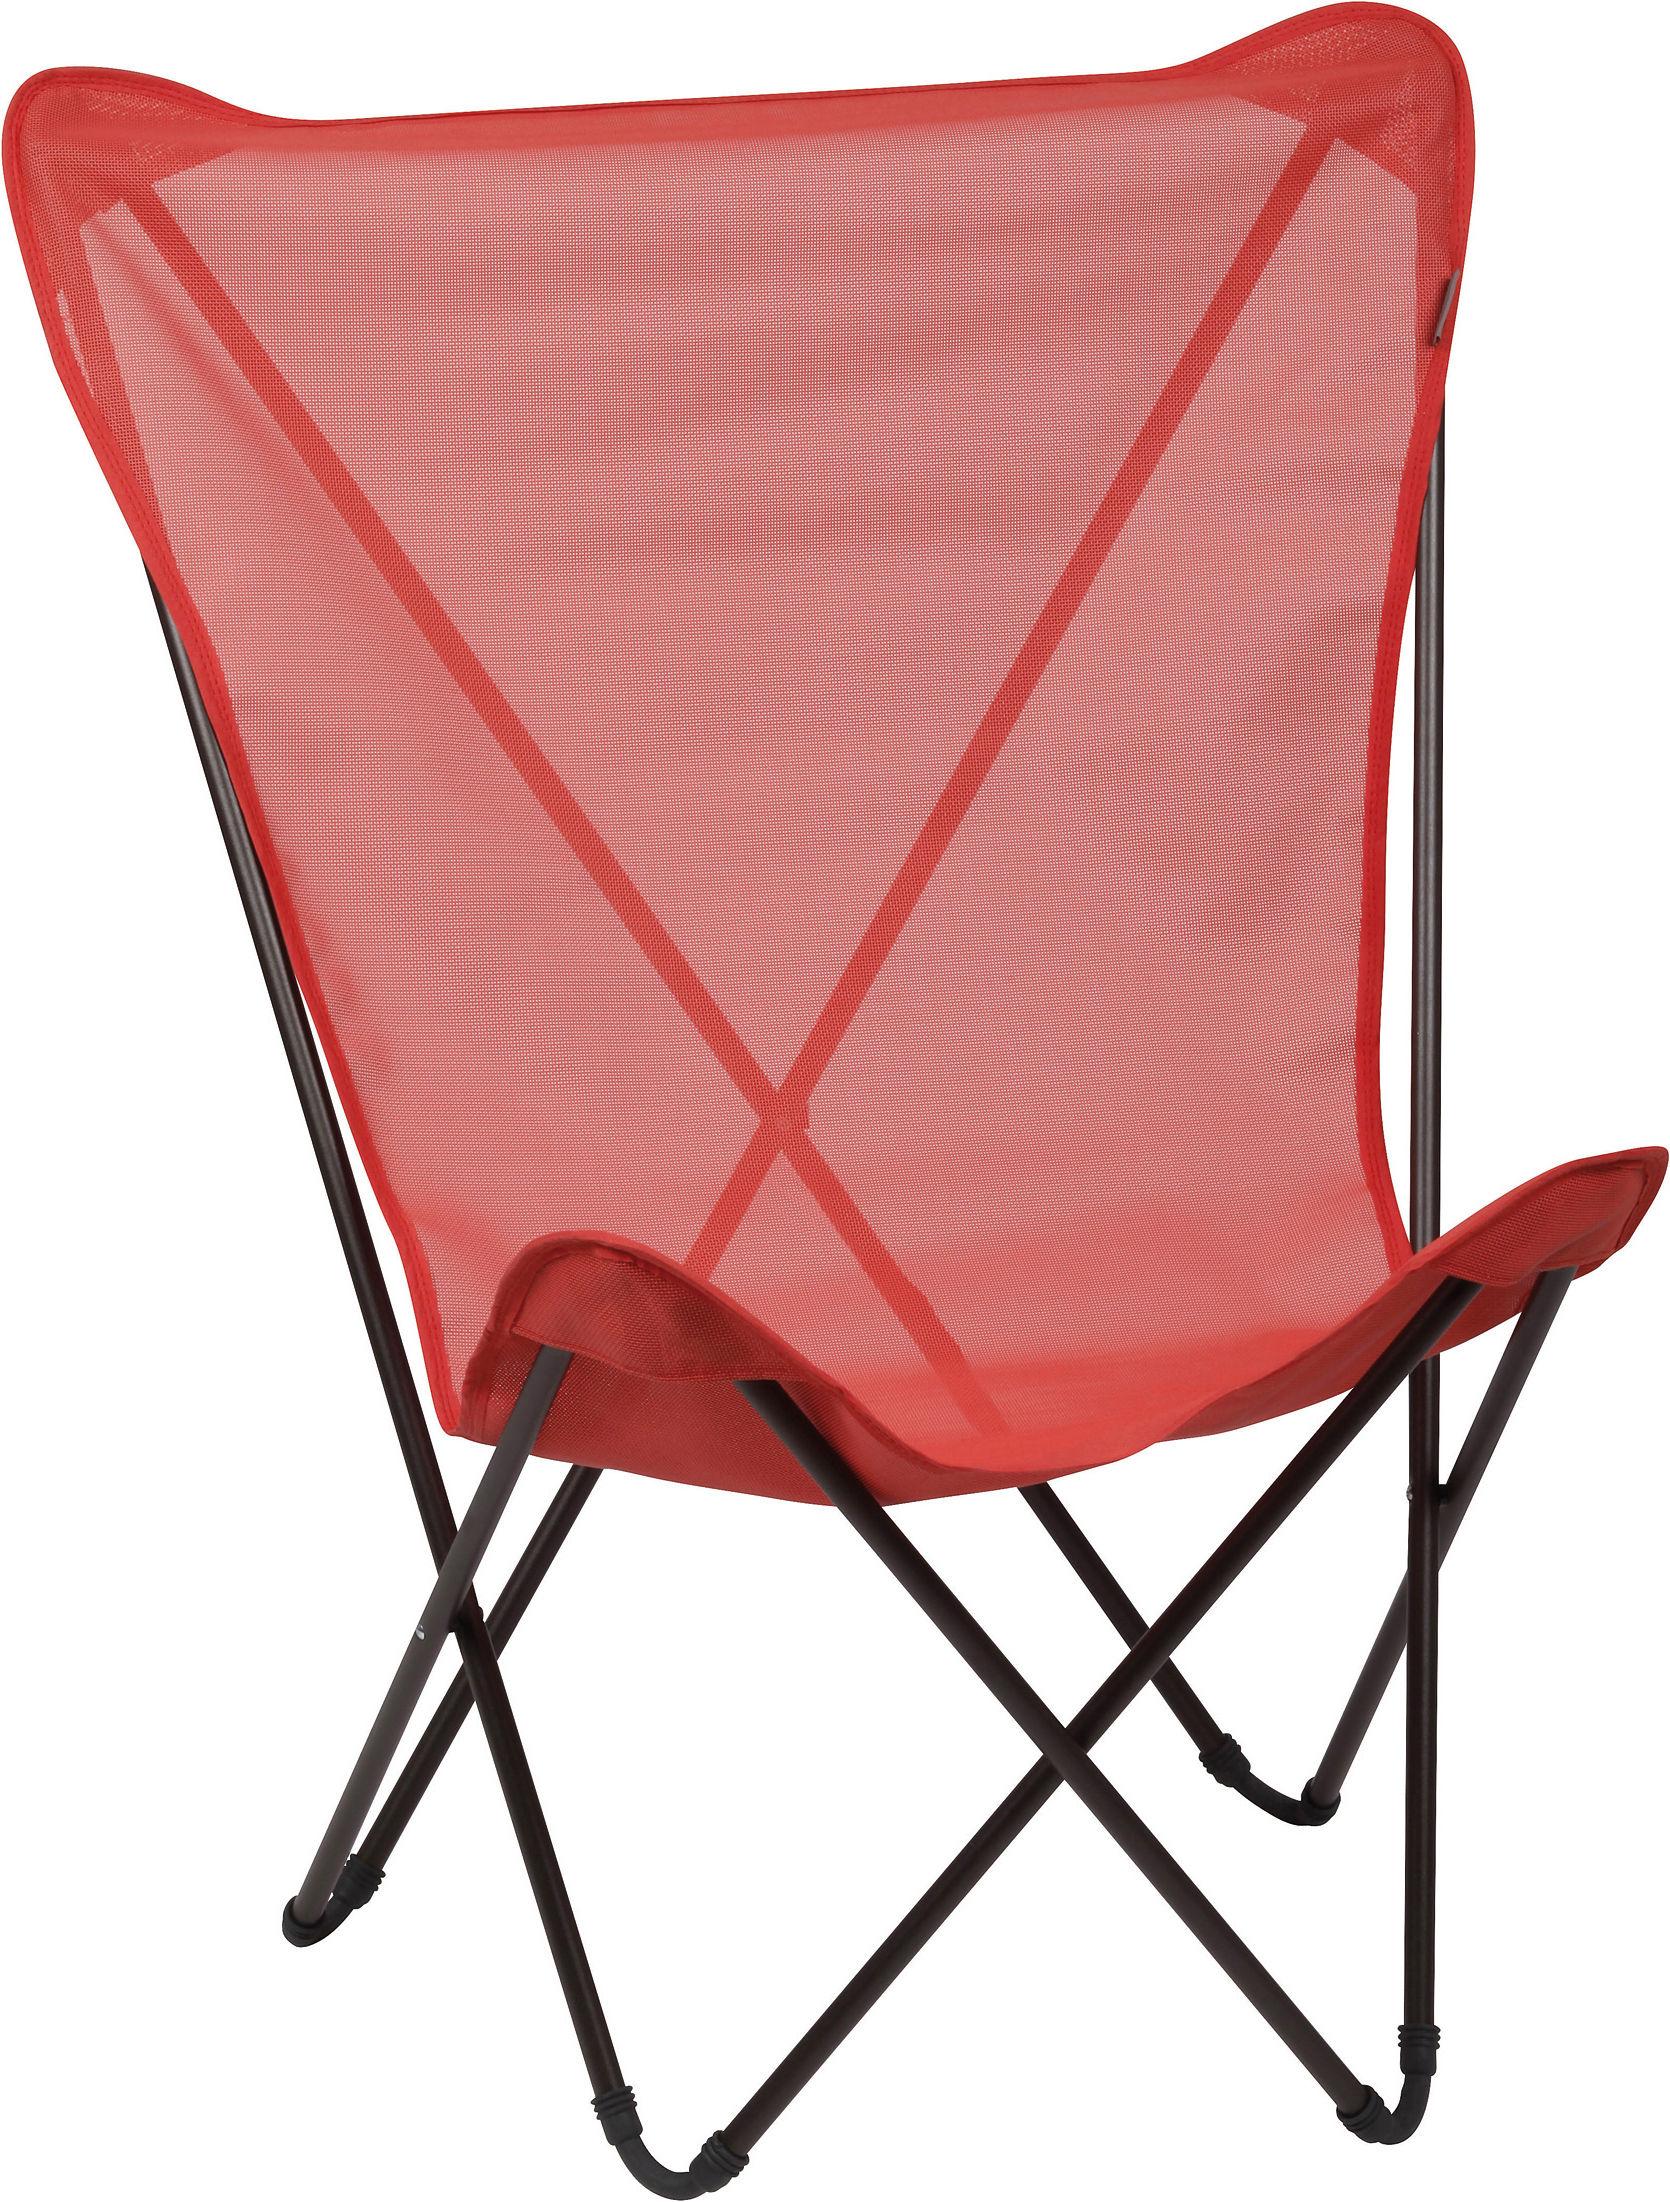 fauteuil maxi pop up pliable rouge aurore structure. Black Bedroom Furniture Sets. Home Design Ideas